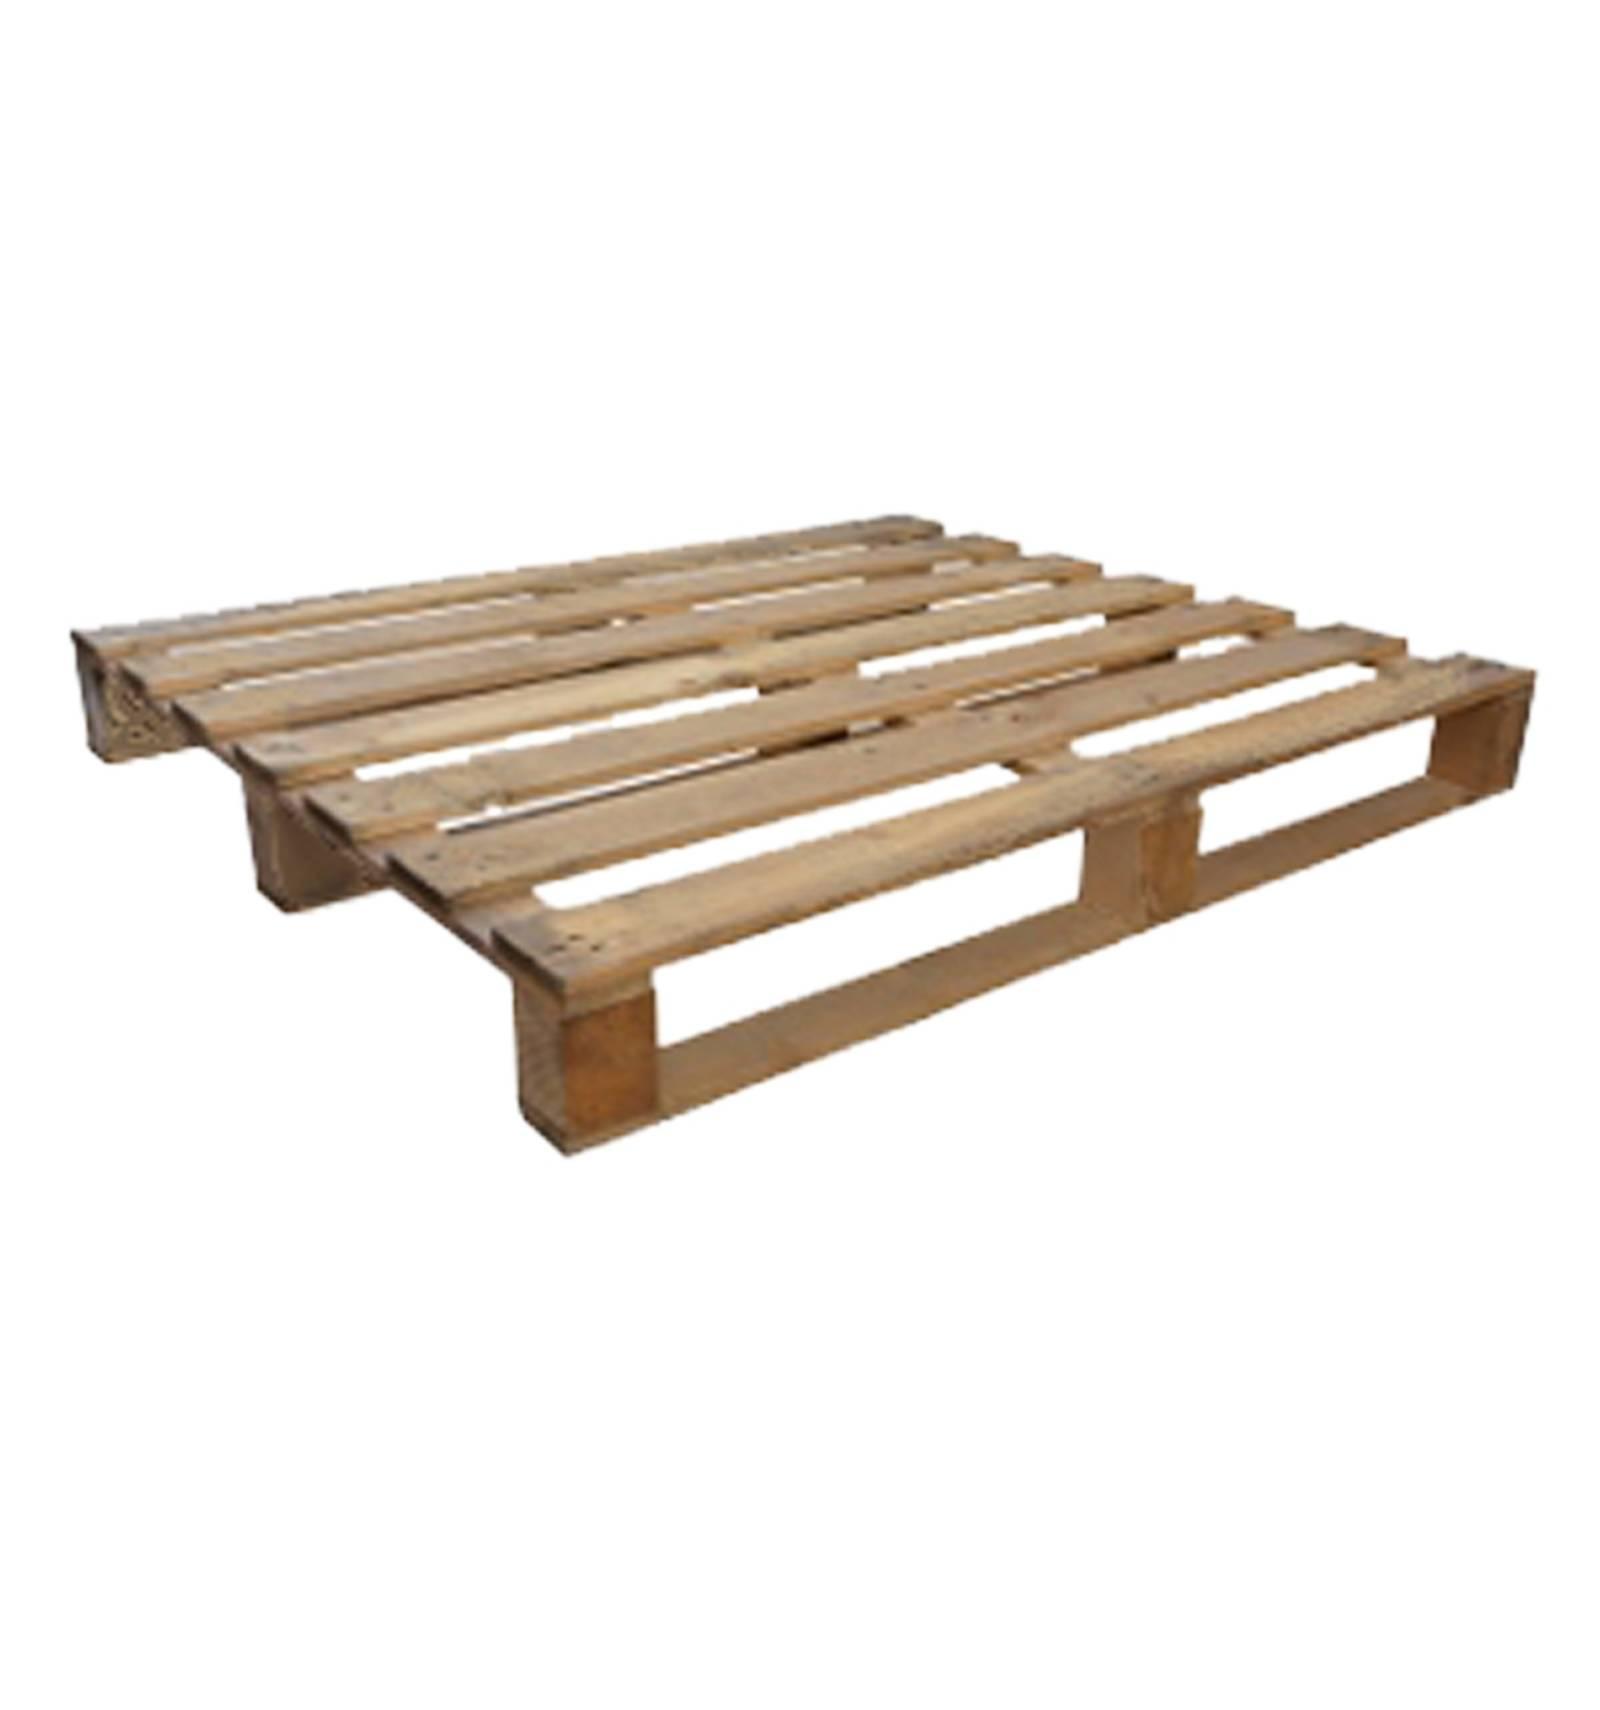 Wooden Pallet 1000 X 1200 129